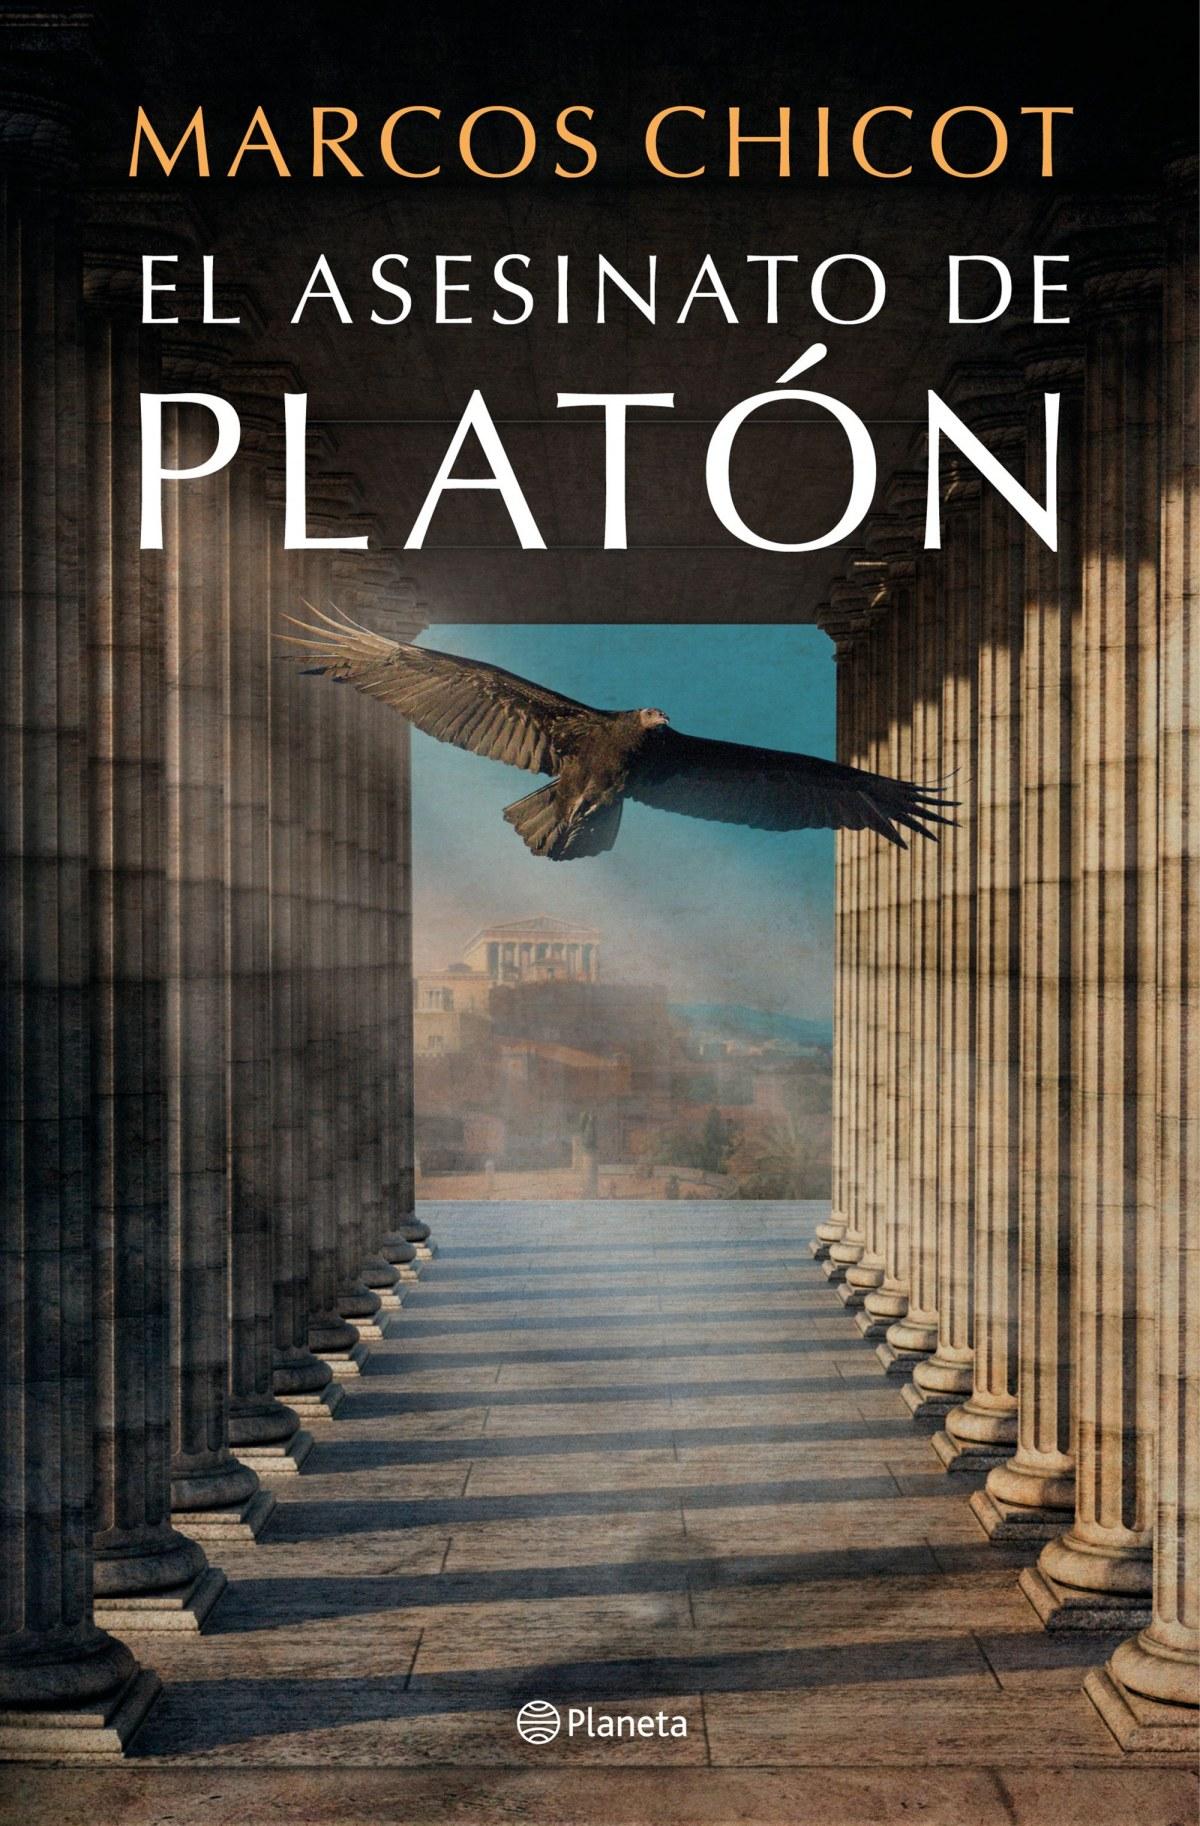 El asesinato de Platón 9788408232421